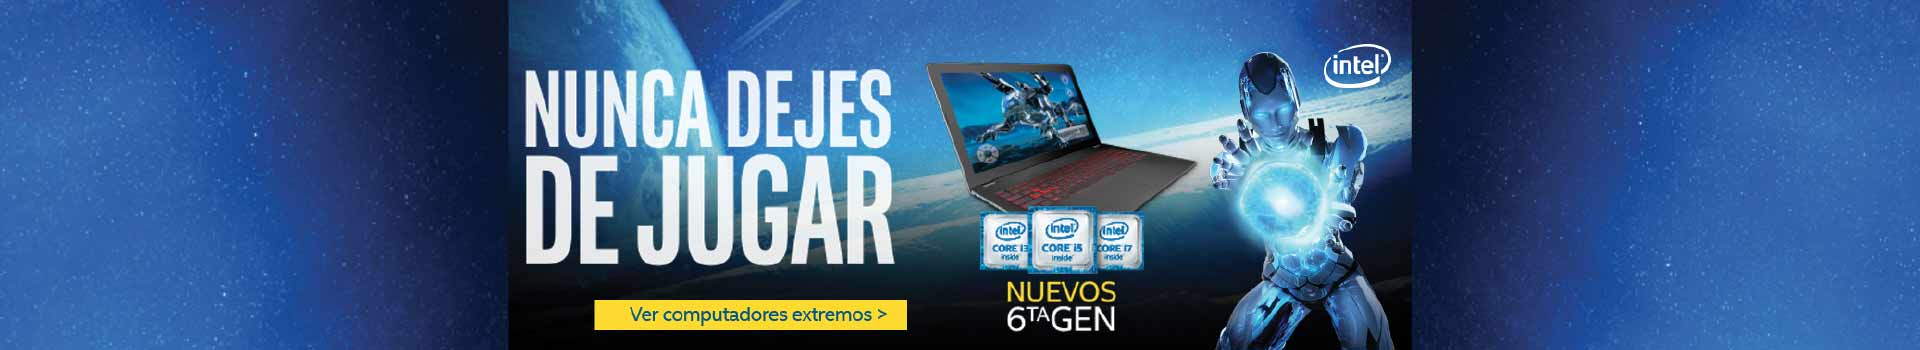 Pauta Intel - diciembre 1 - Gaming